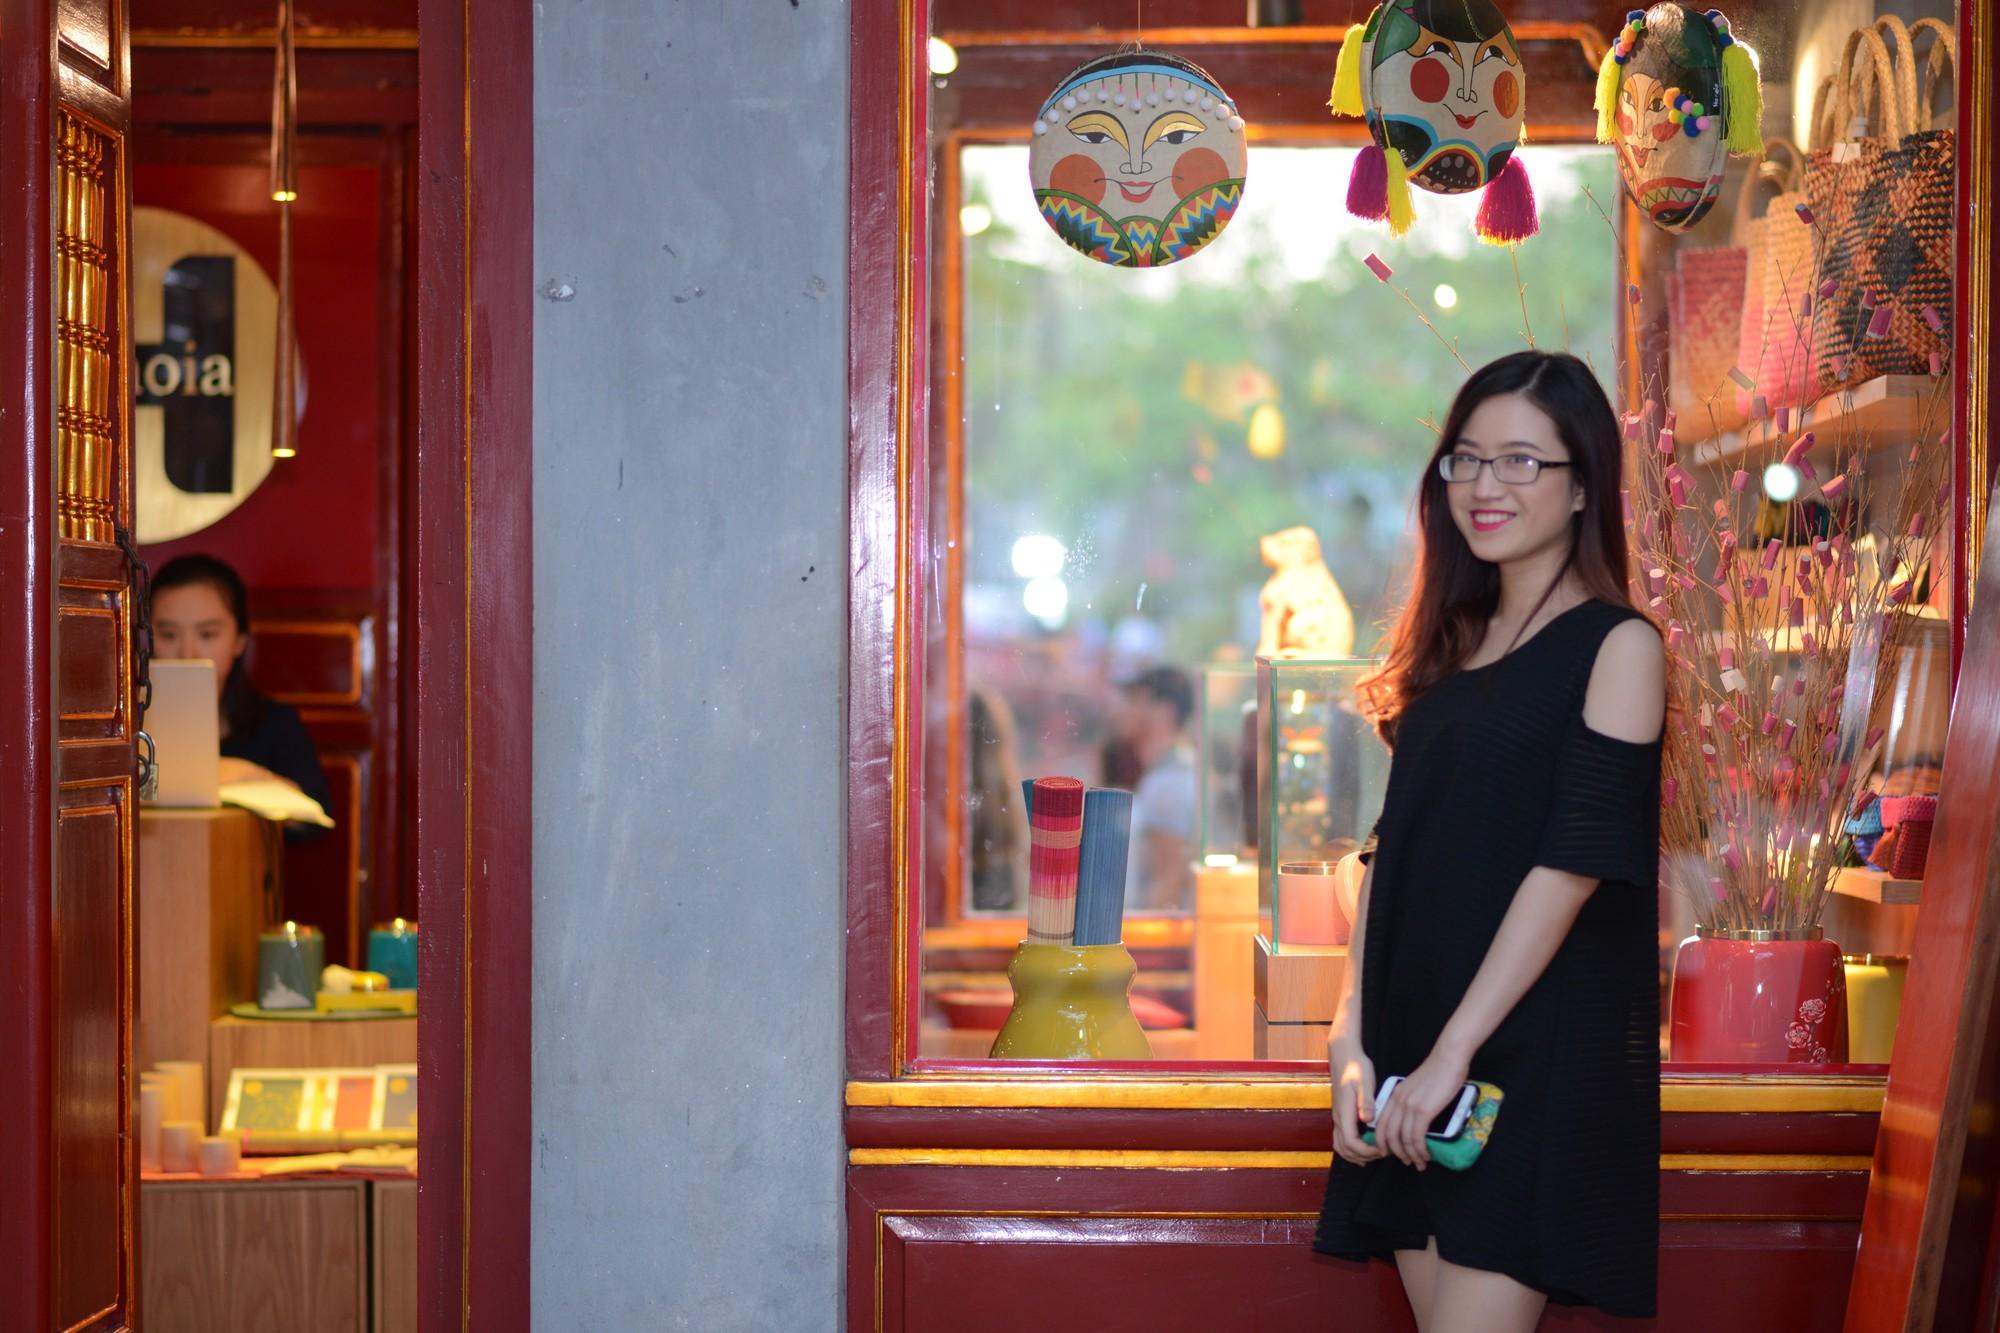 Cô bạn 9x xinh xắn, là thủ khoa đầu vào và tốt nghiệp Đại học Hà Nội, từng tháp tùng Bộ trưởng Bộ thương mại Indonesia tại APEC - Ảnh 2.